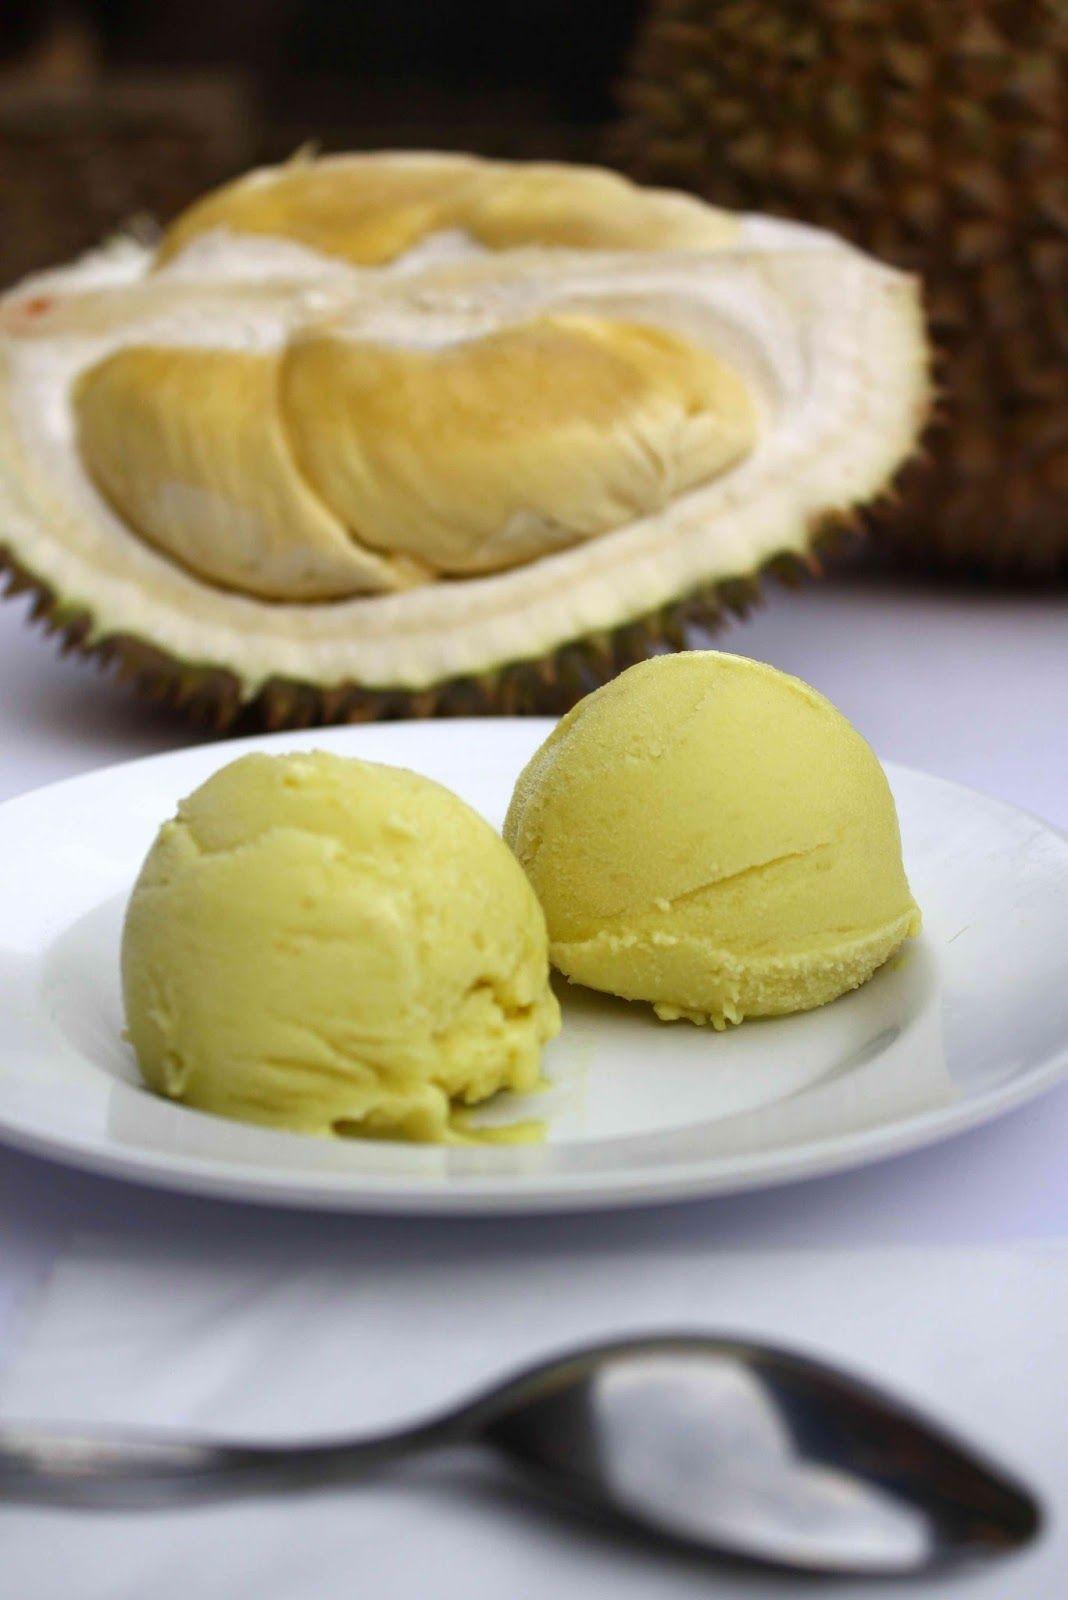 Resep Membuat Es Krim Durian Yang Mudah Dan Enak Durian Merupakan Buah Asli Dari Indonesia Bagi Anda Penggemar Durian Yang Pembuat Es Krim Es Krim Makanan